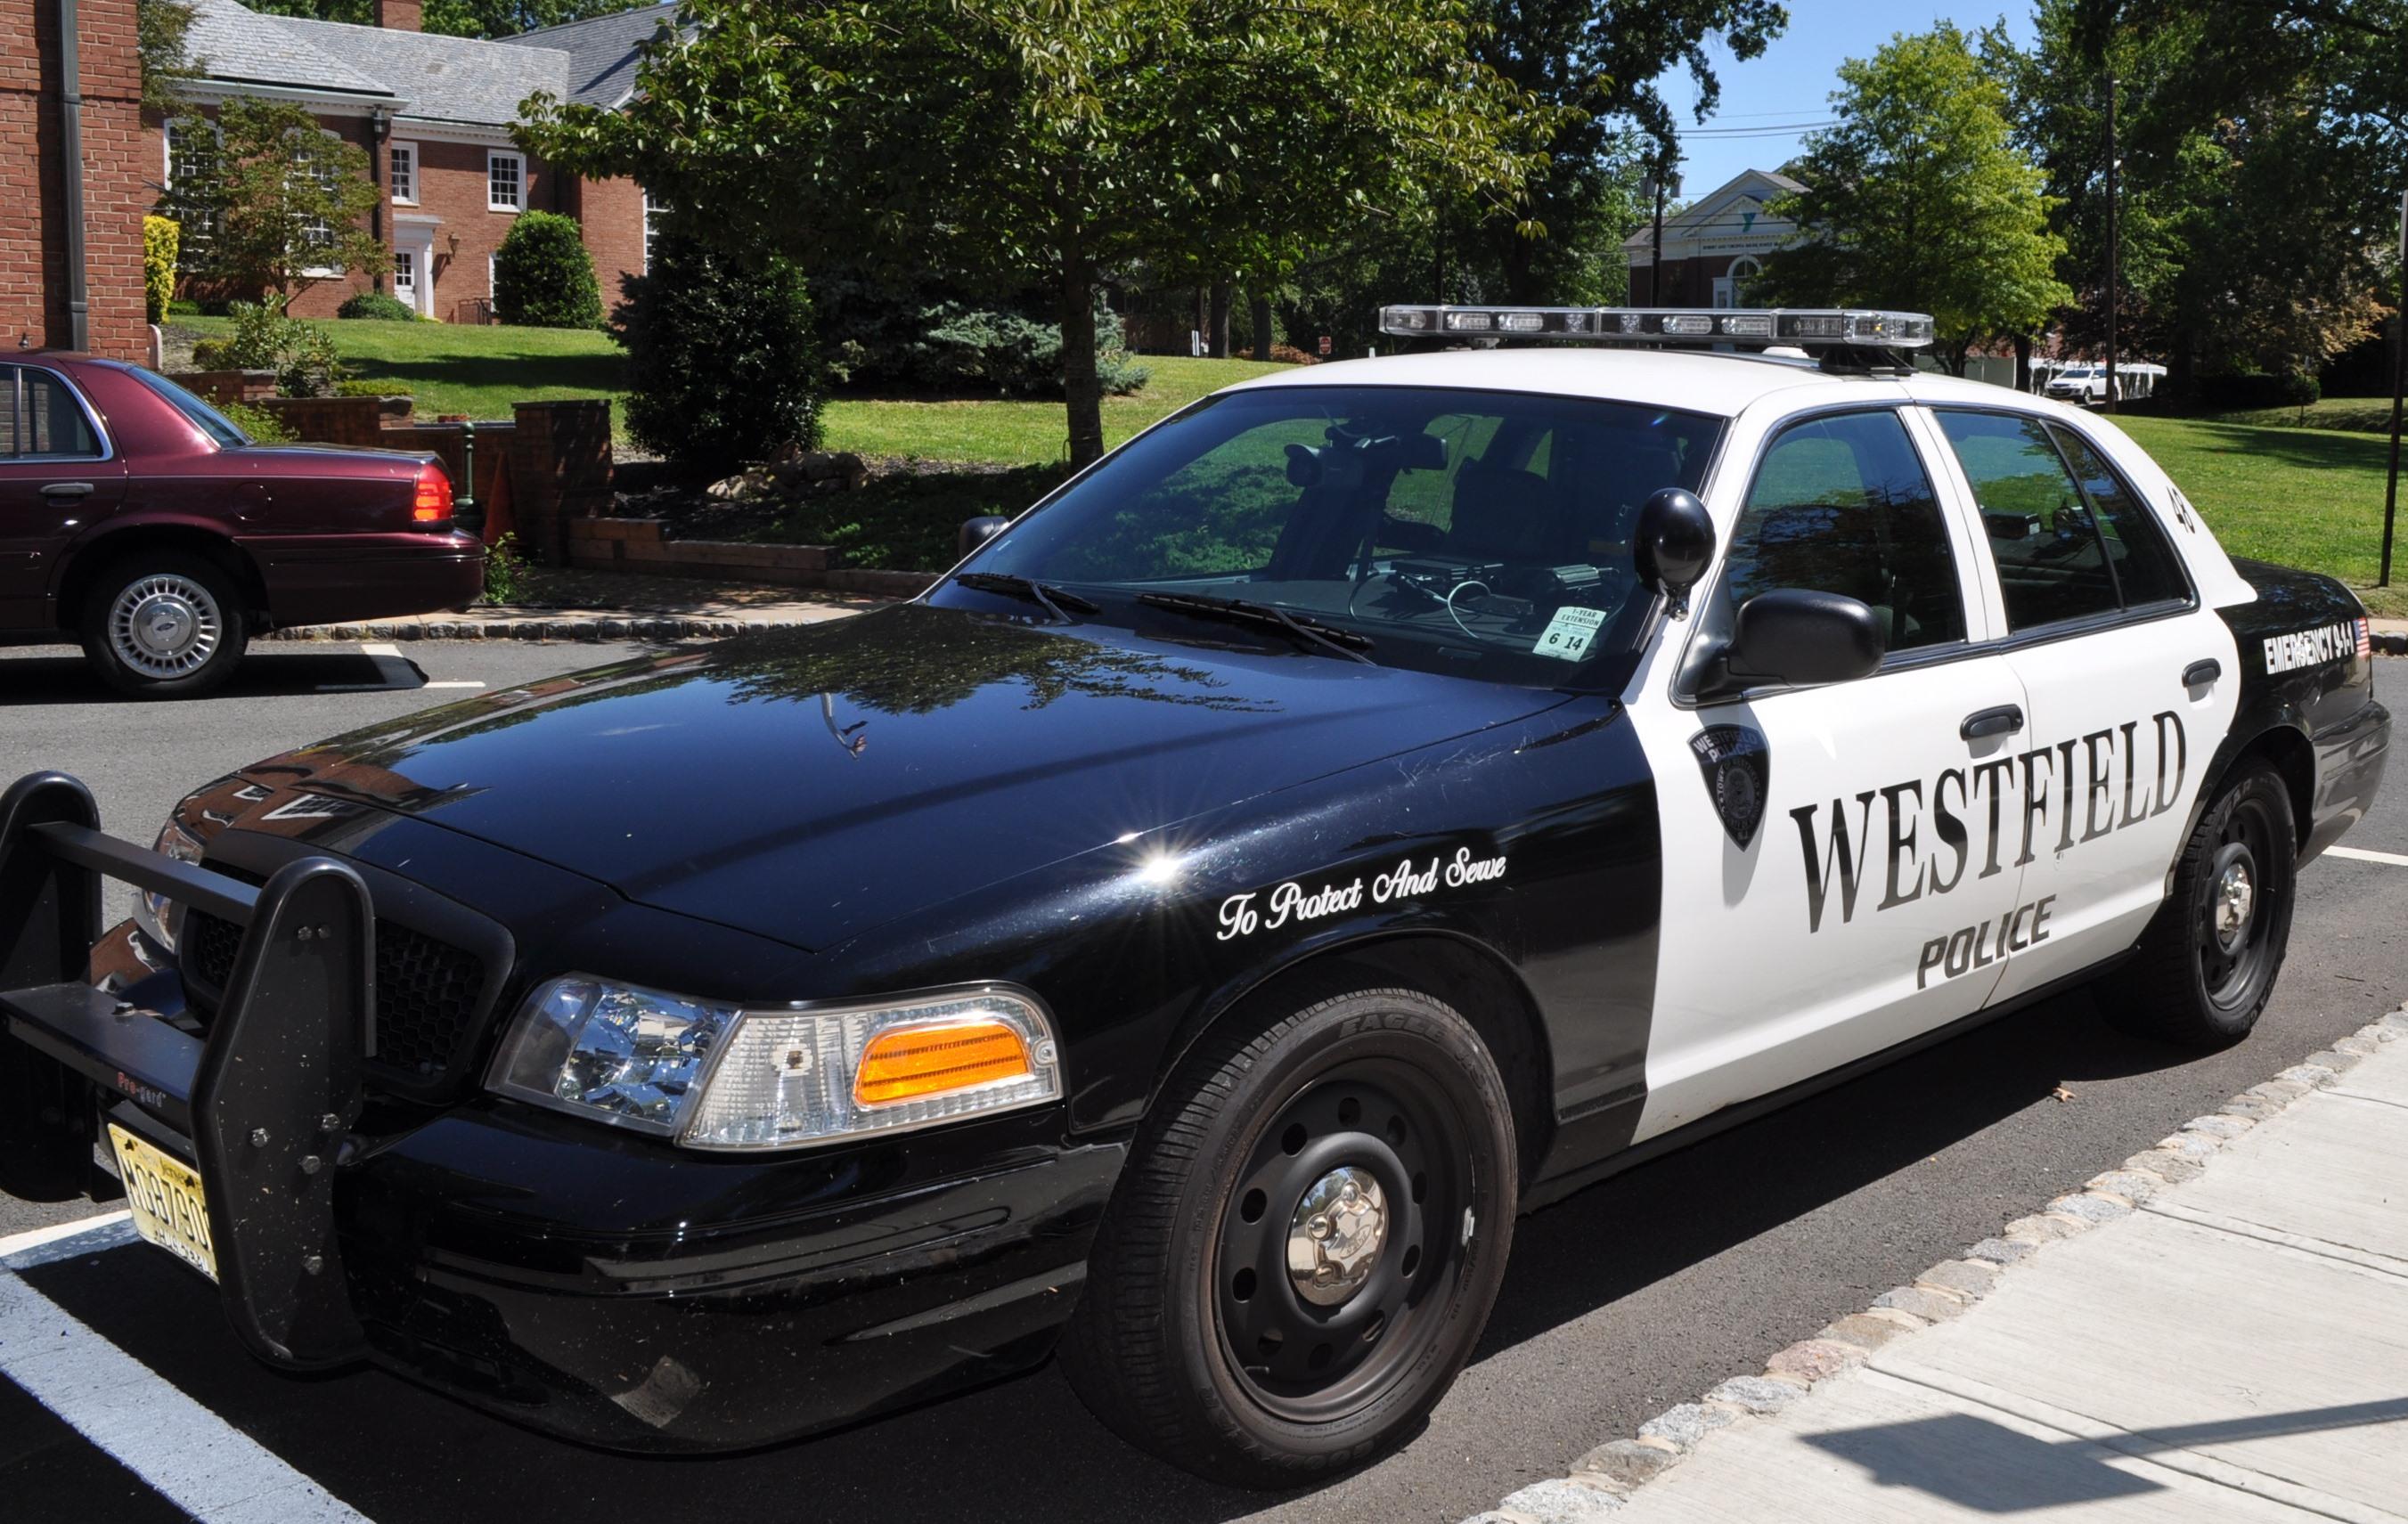 39c51776175bb9a02b62_b2bbd1654ca4135f64f5_police_car.JPG